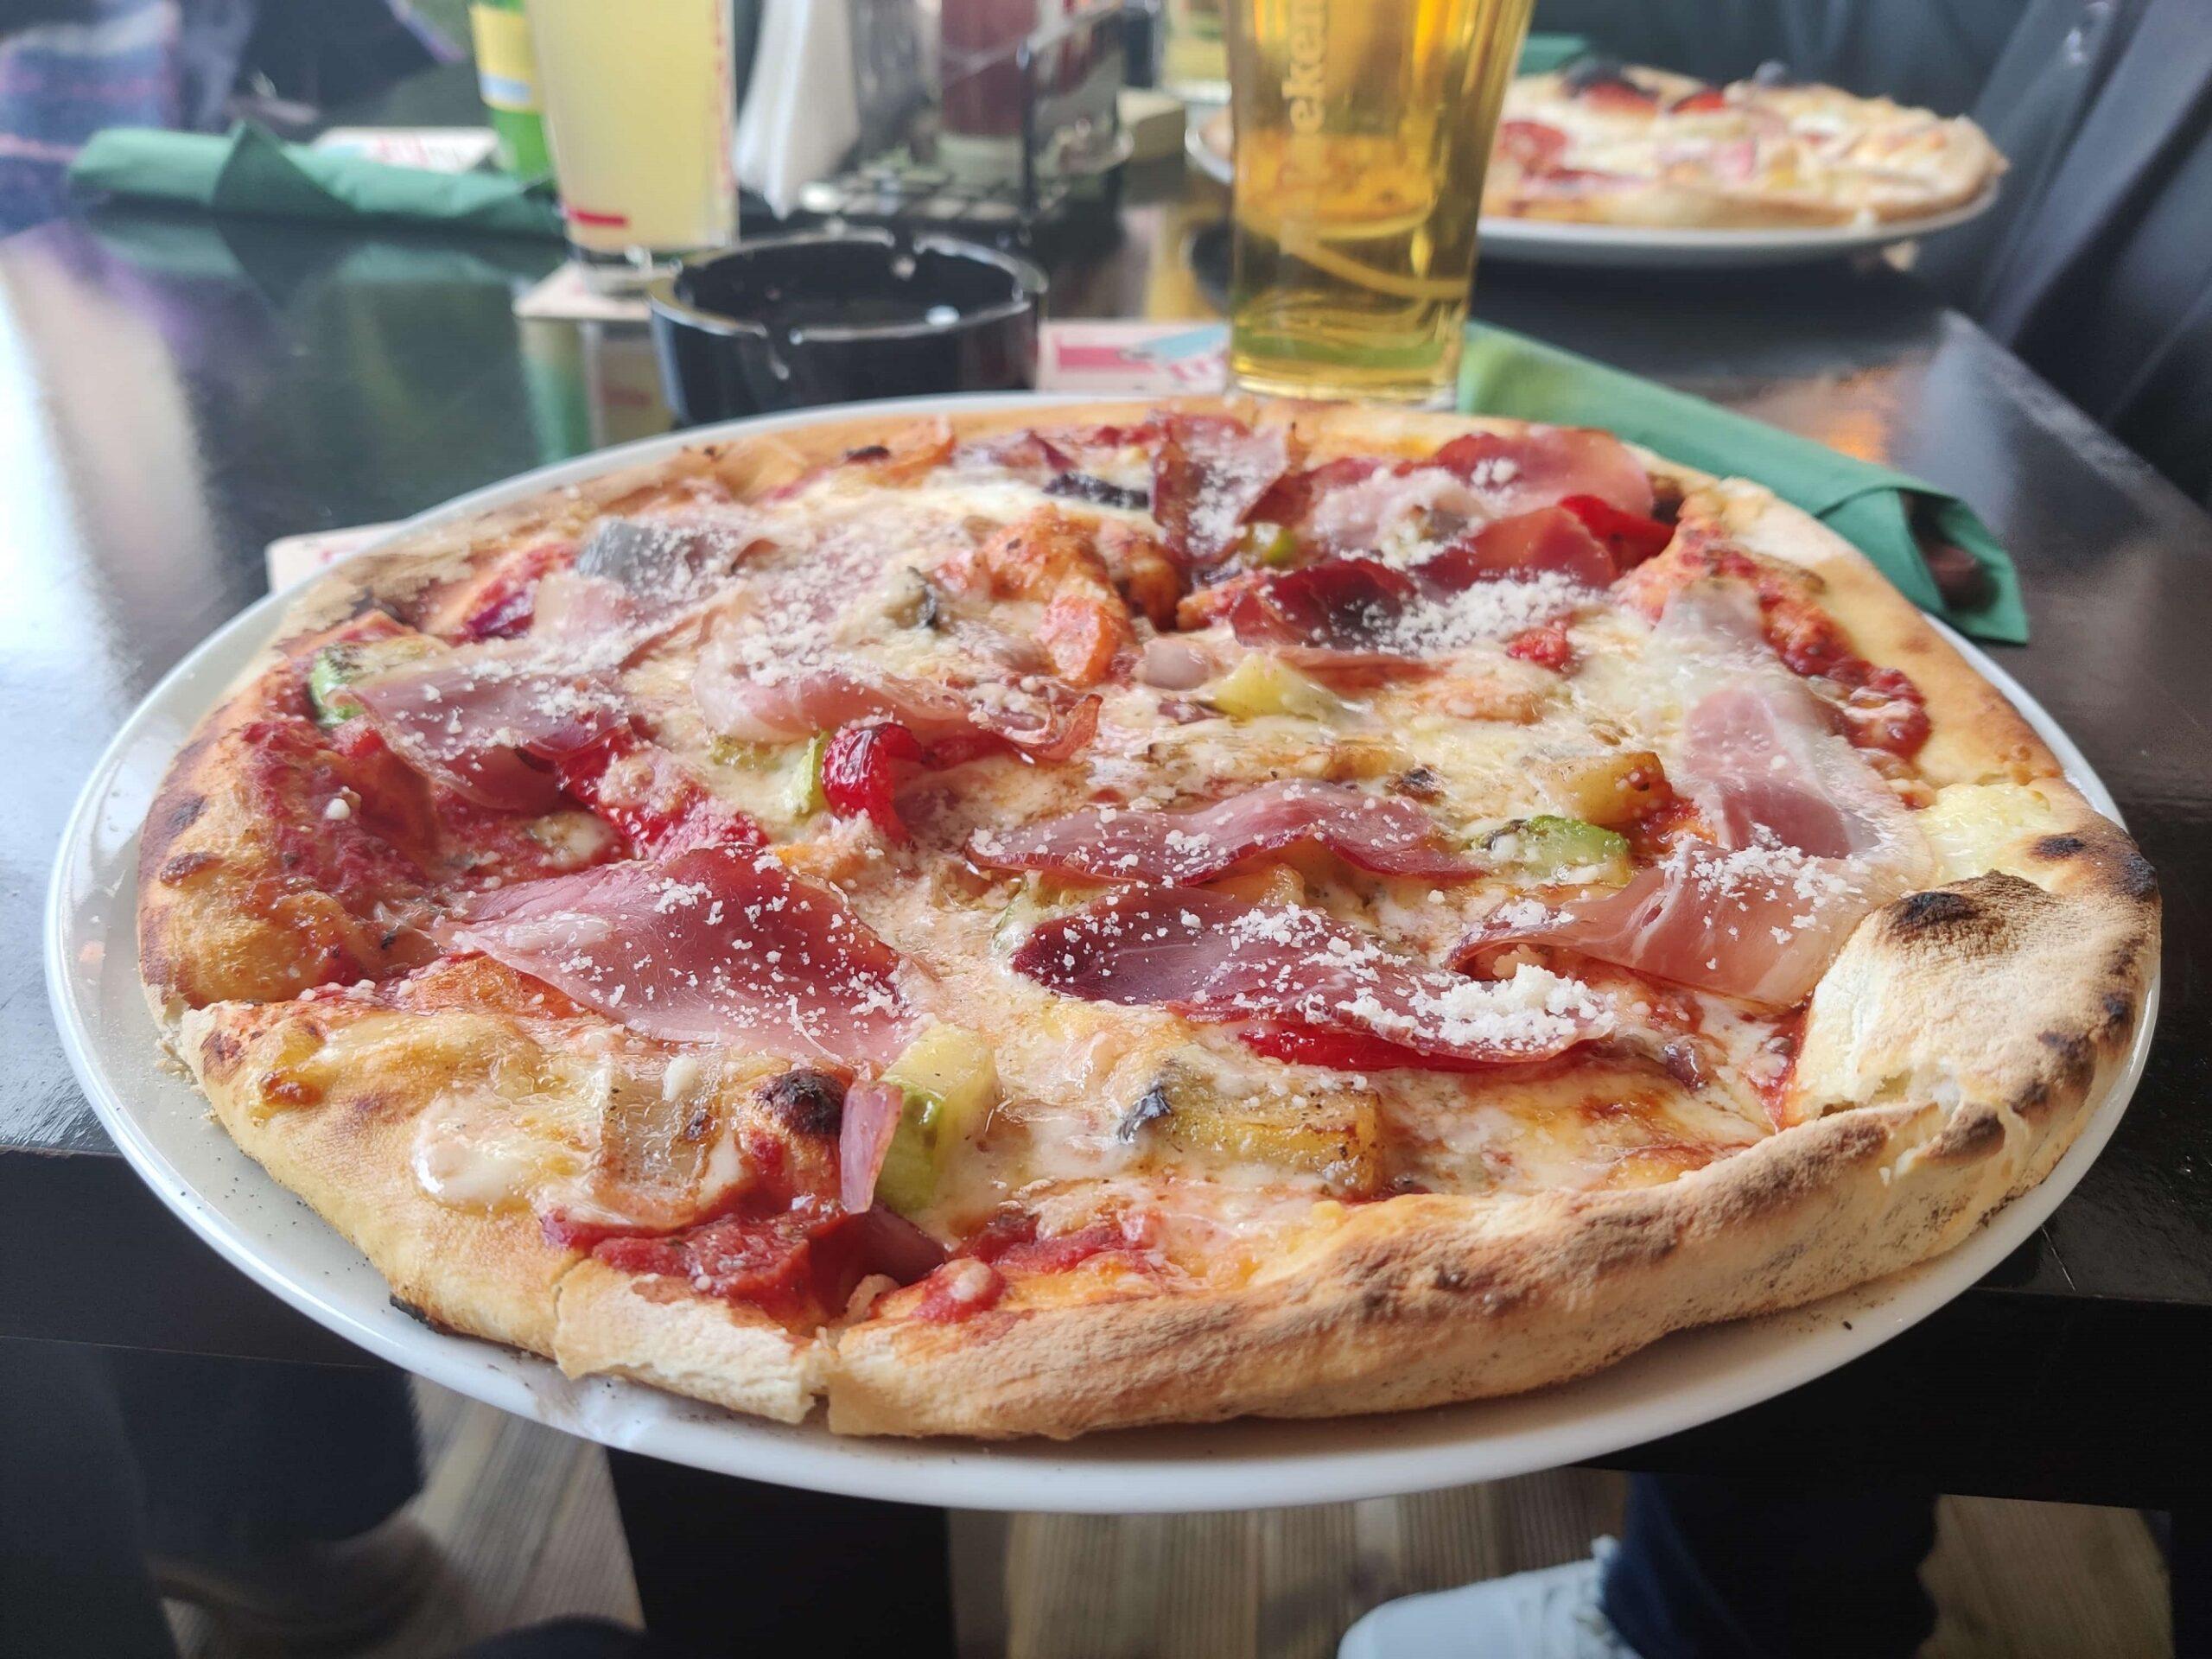 De ce ne place pizza atat de mult